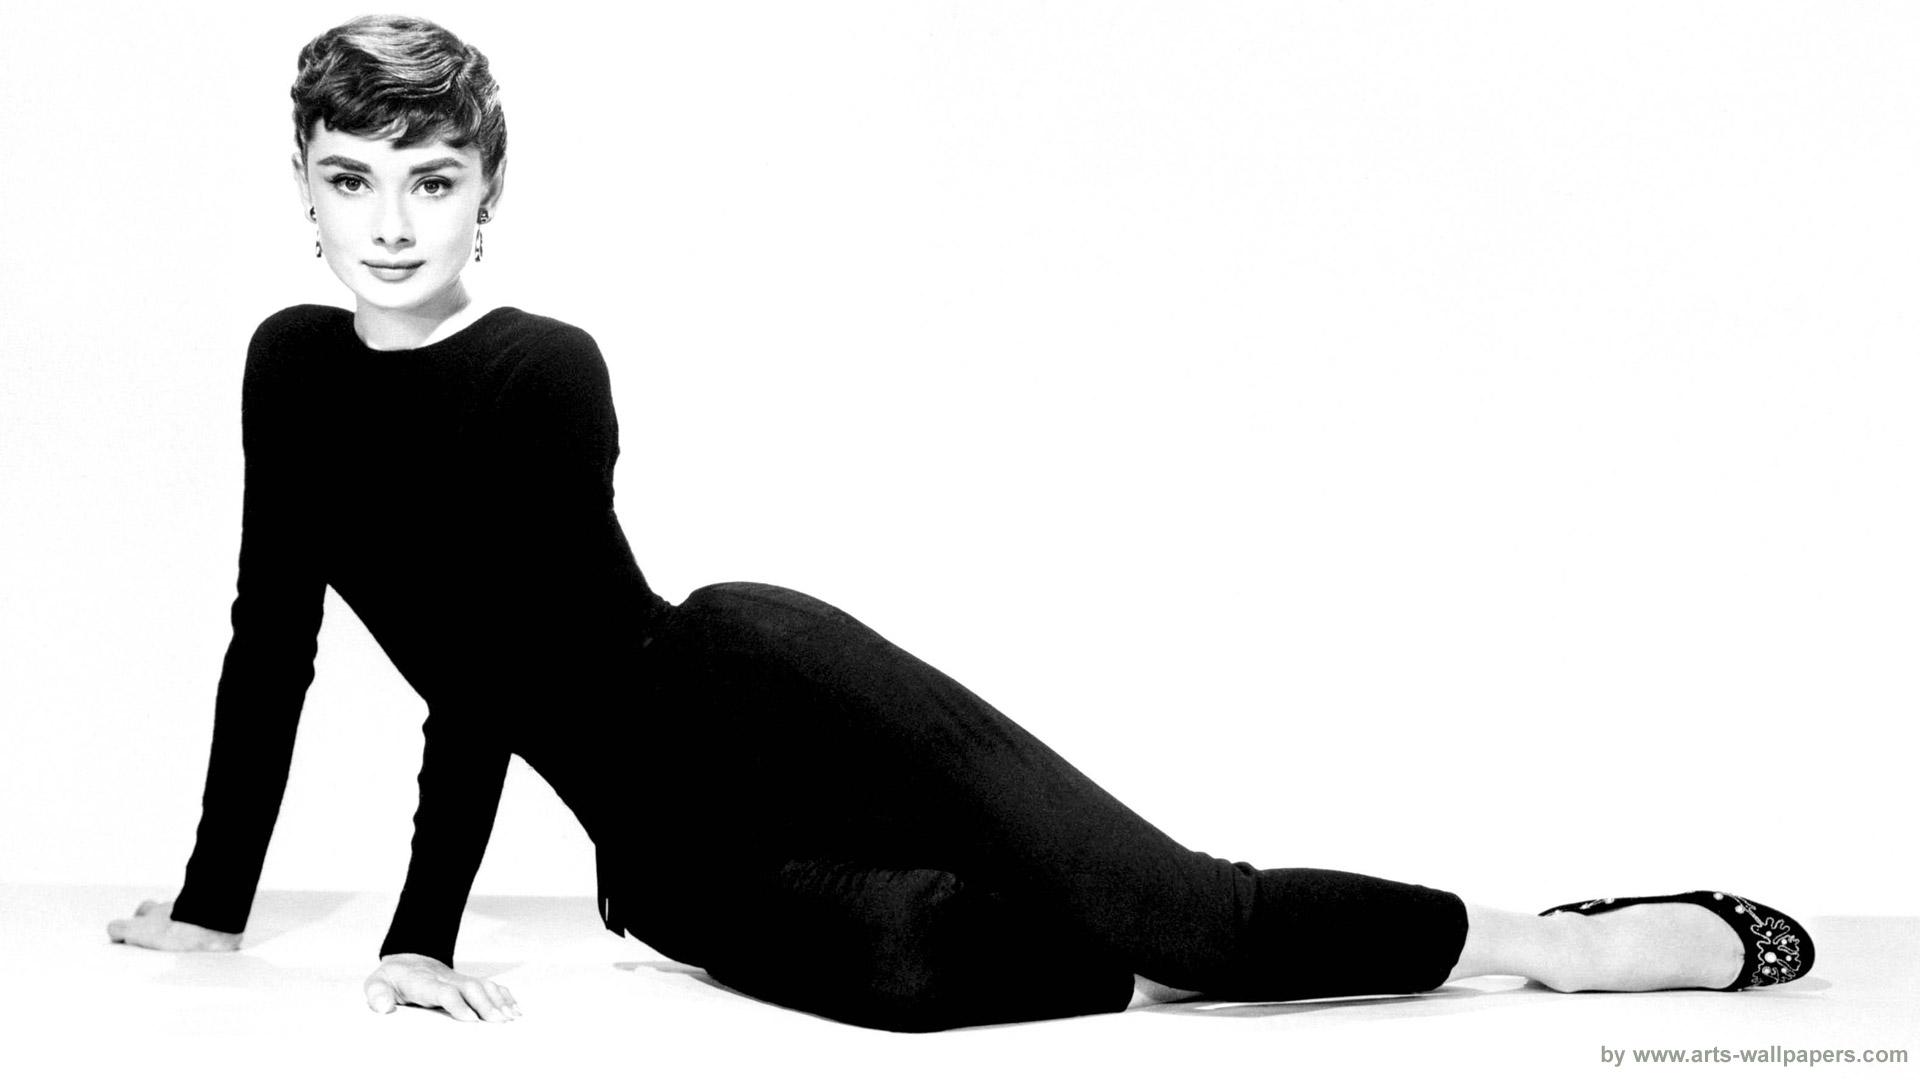 Audrey Hepburn 1920 x 1080 Desktop Wallpapers Full HD Widescreen 1920x1080